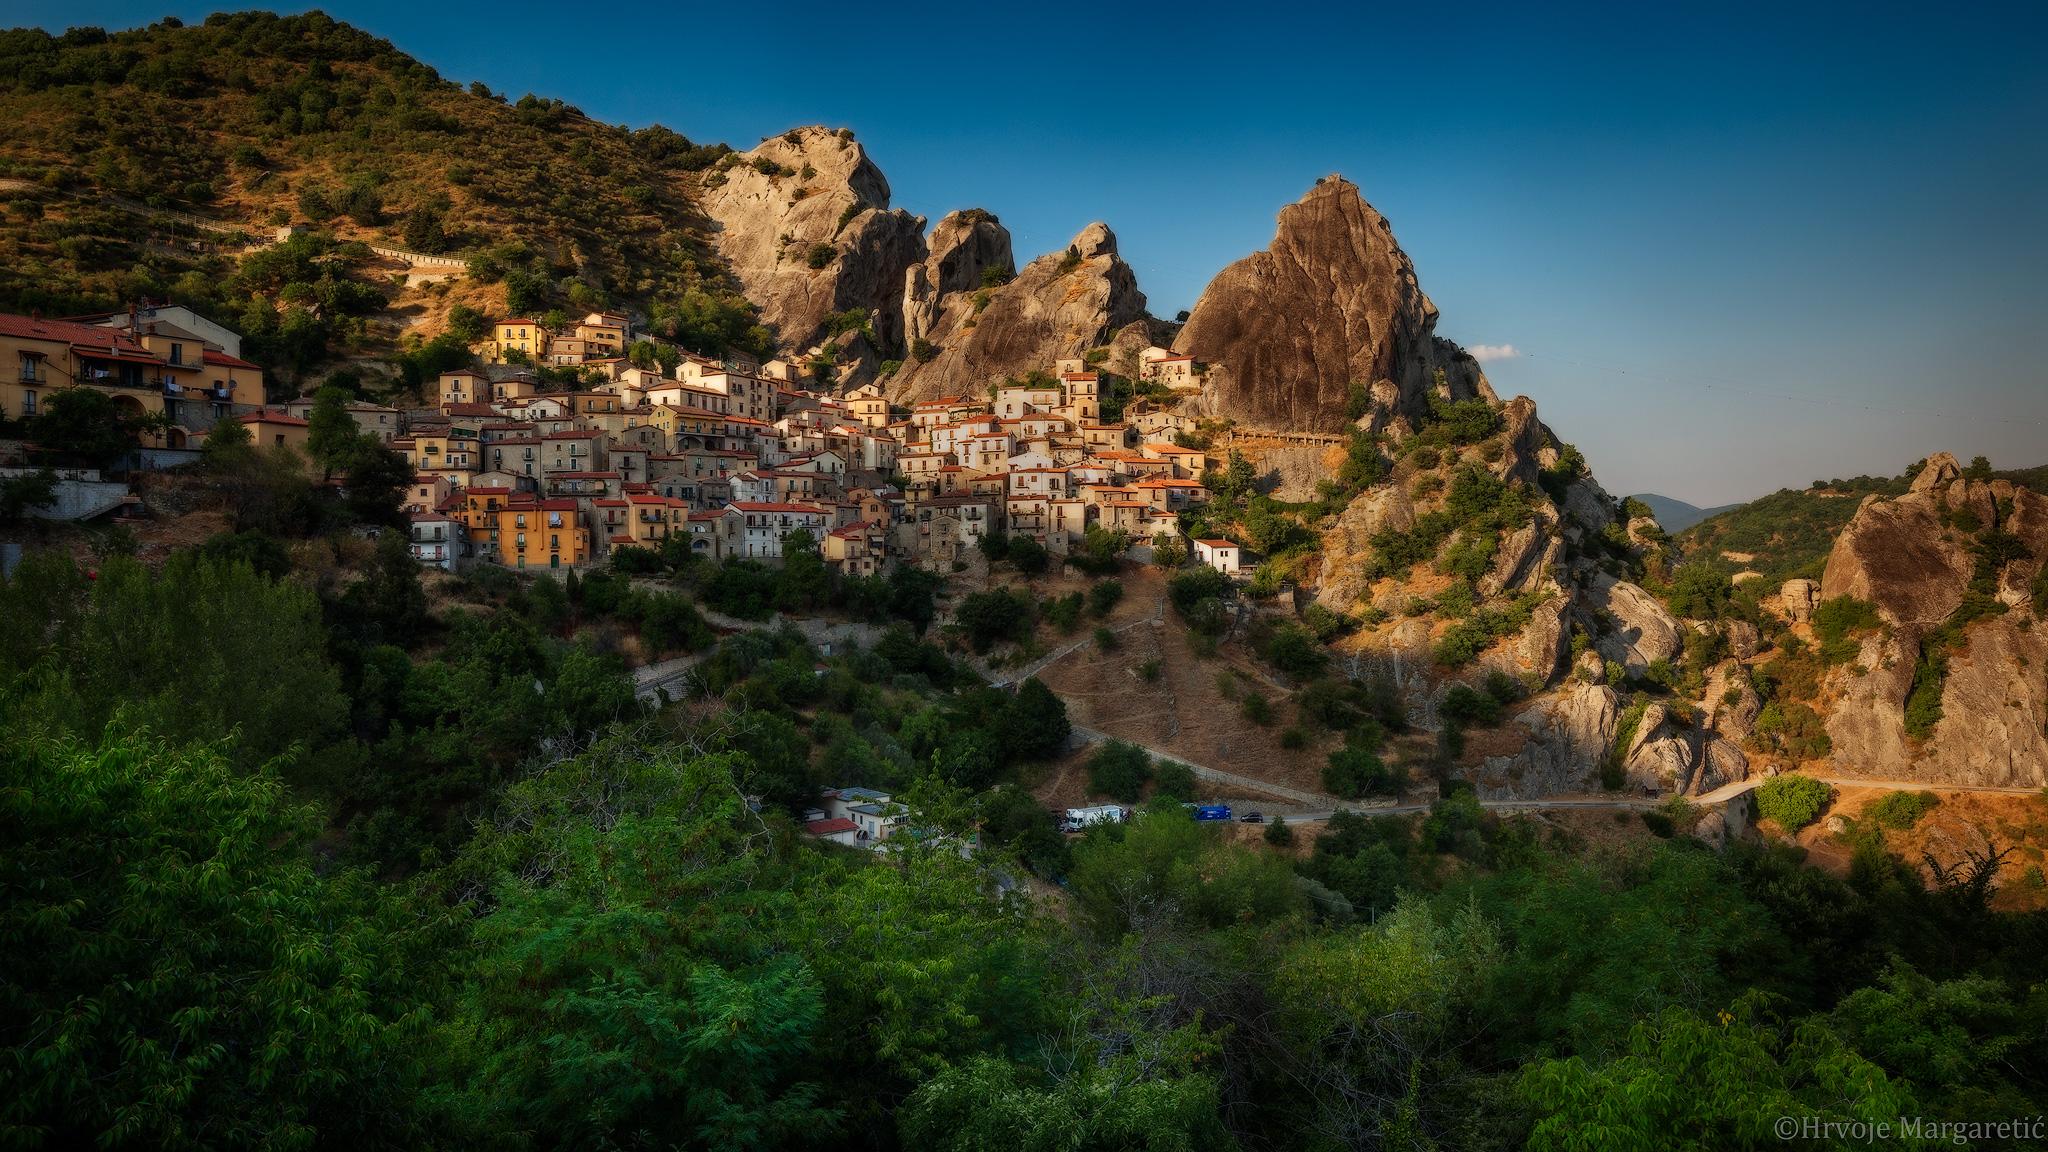 Castelmezzano point of view, Italy